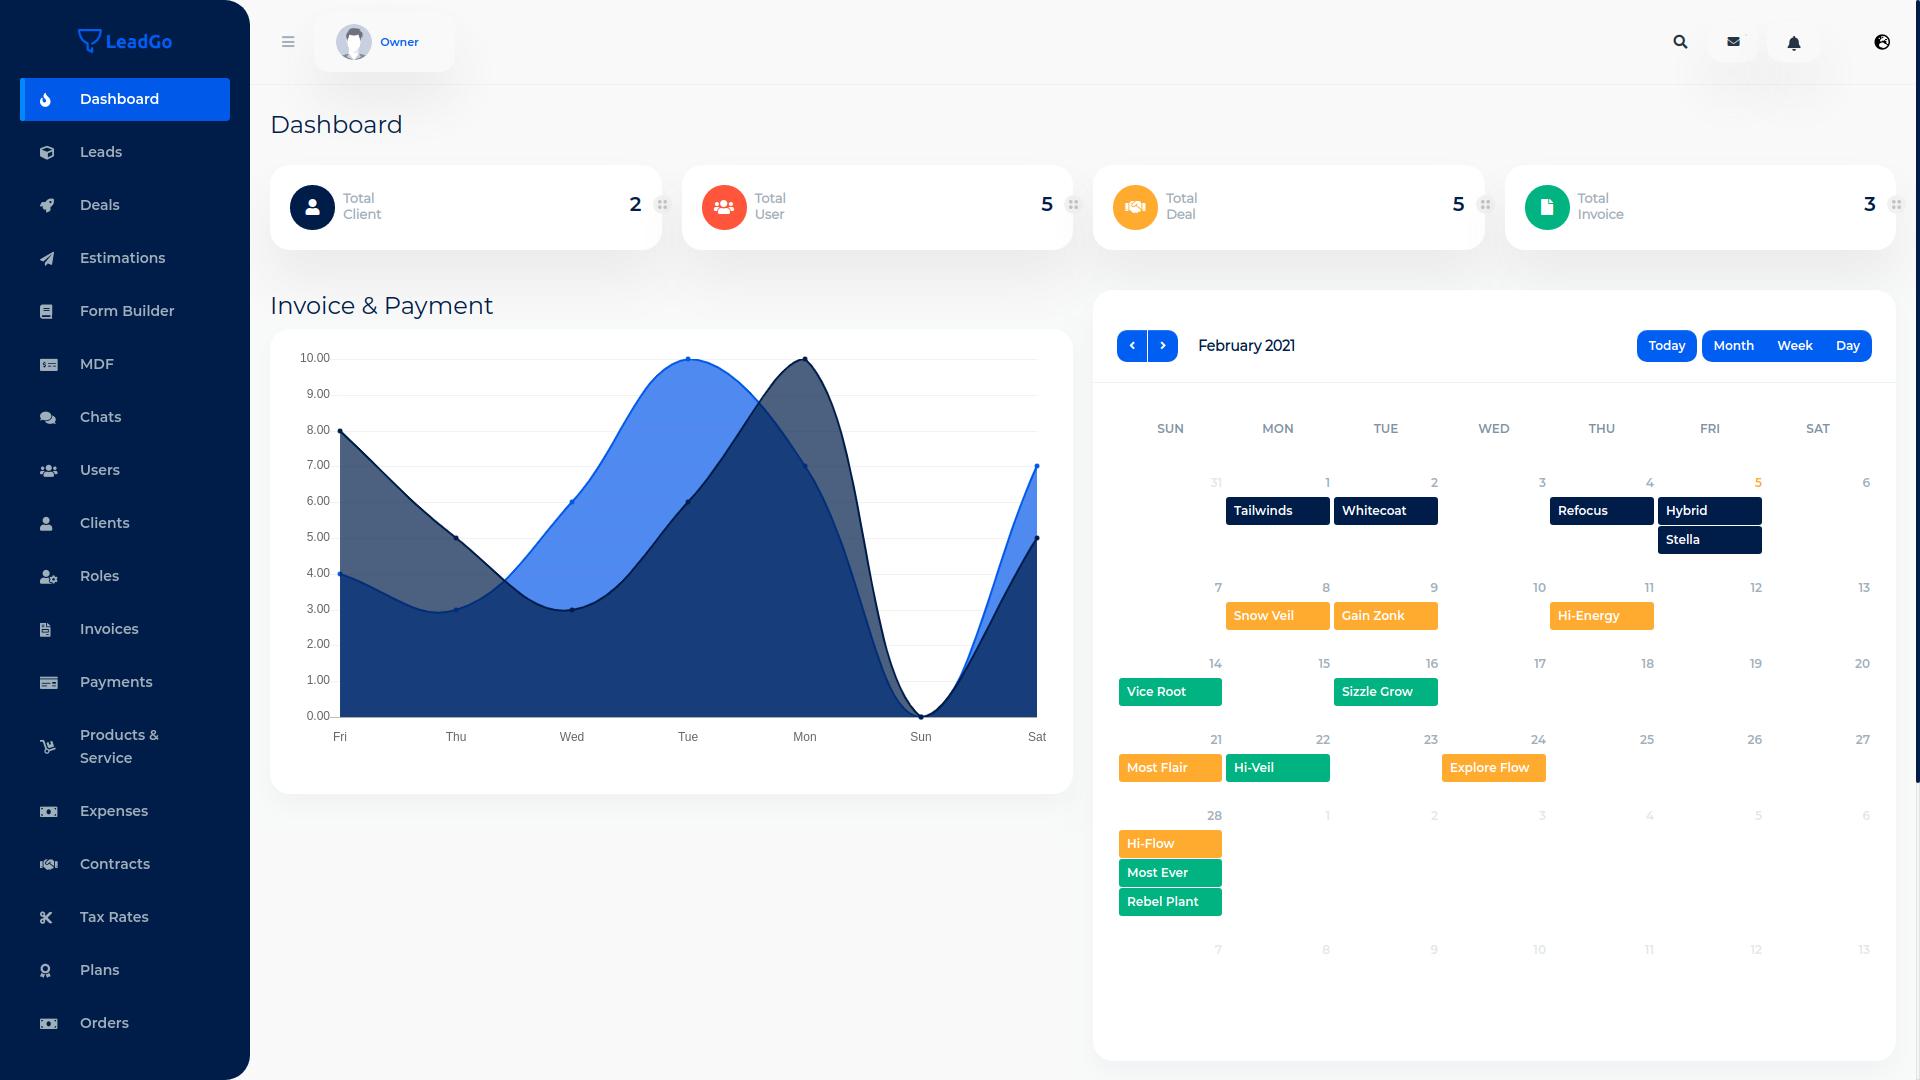 LeadGo SaaS - Lead Management Tool - 4